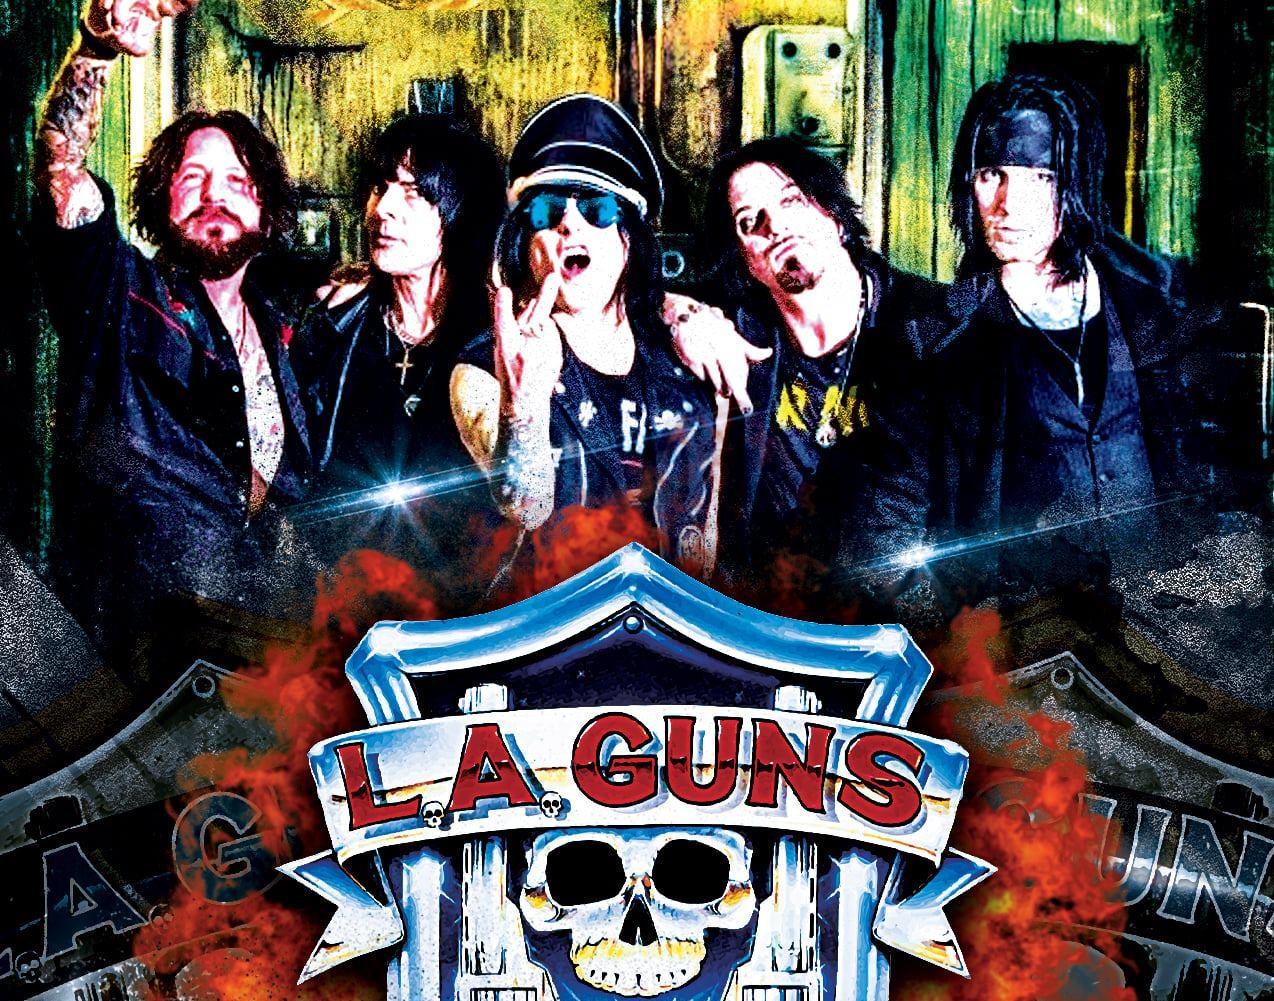 la guns pic 5